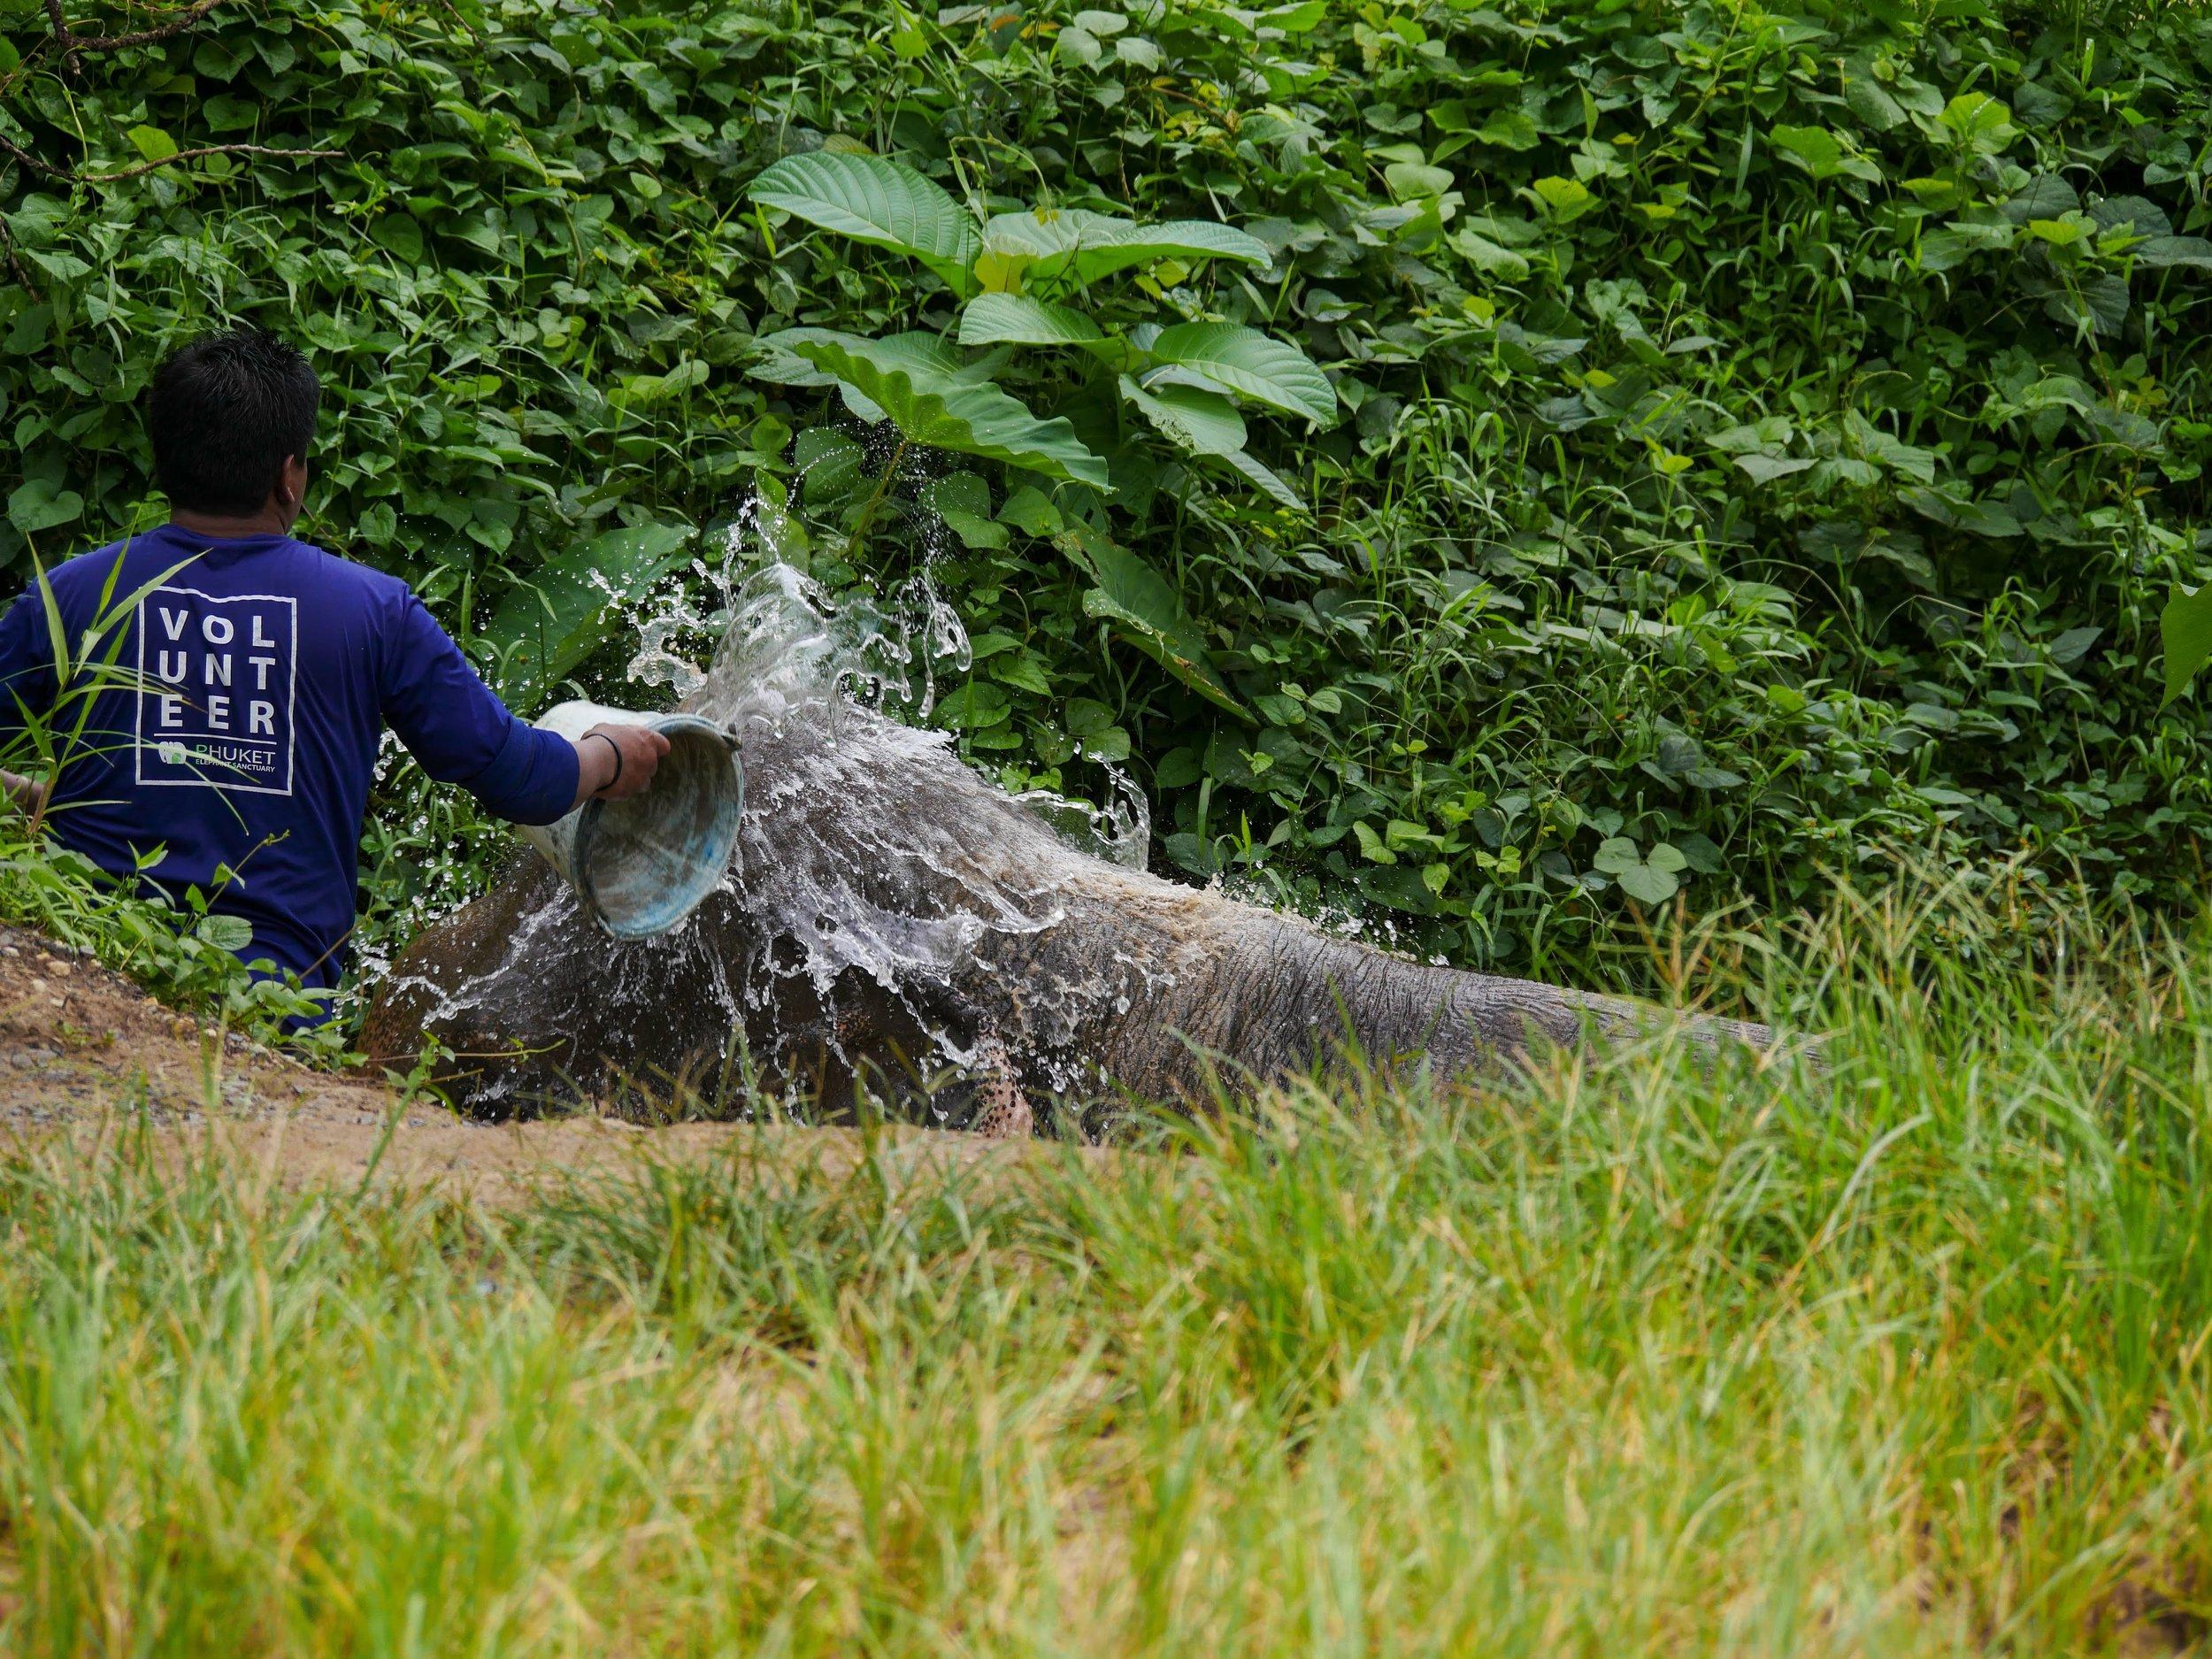 TOP 3 - Norsujen onnellisen vanhuuden turvaaminenNorsujensuojeluTyötä norsujensuojelukeskuksessa